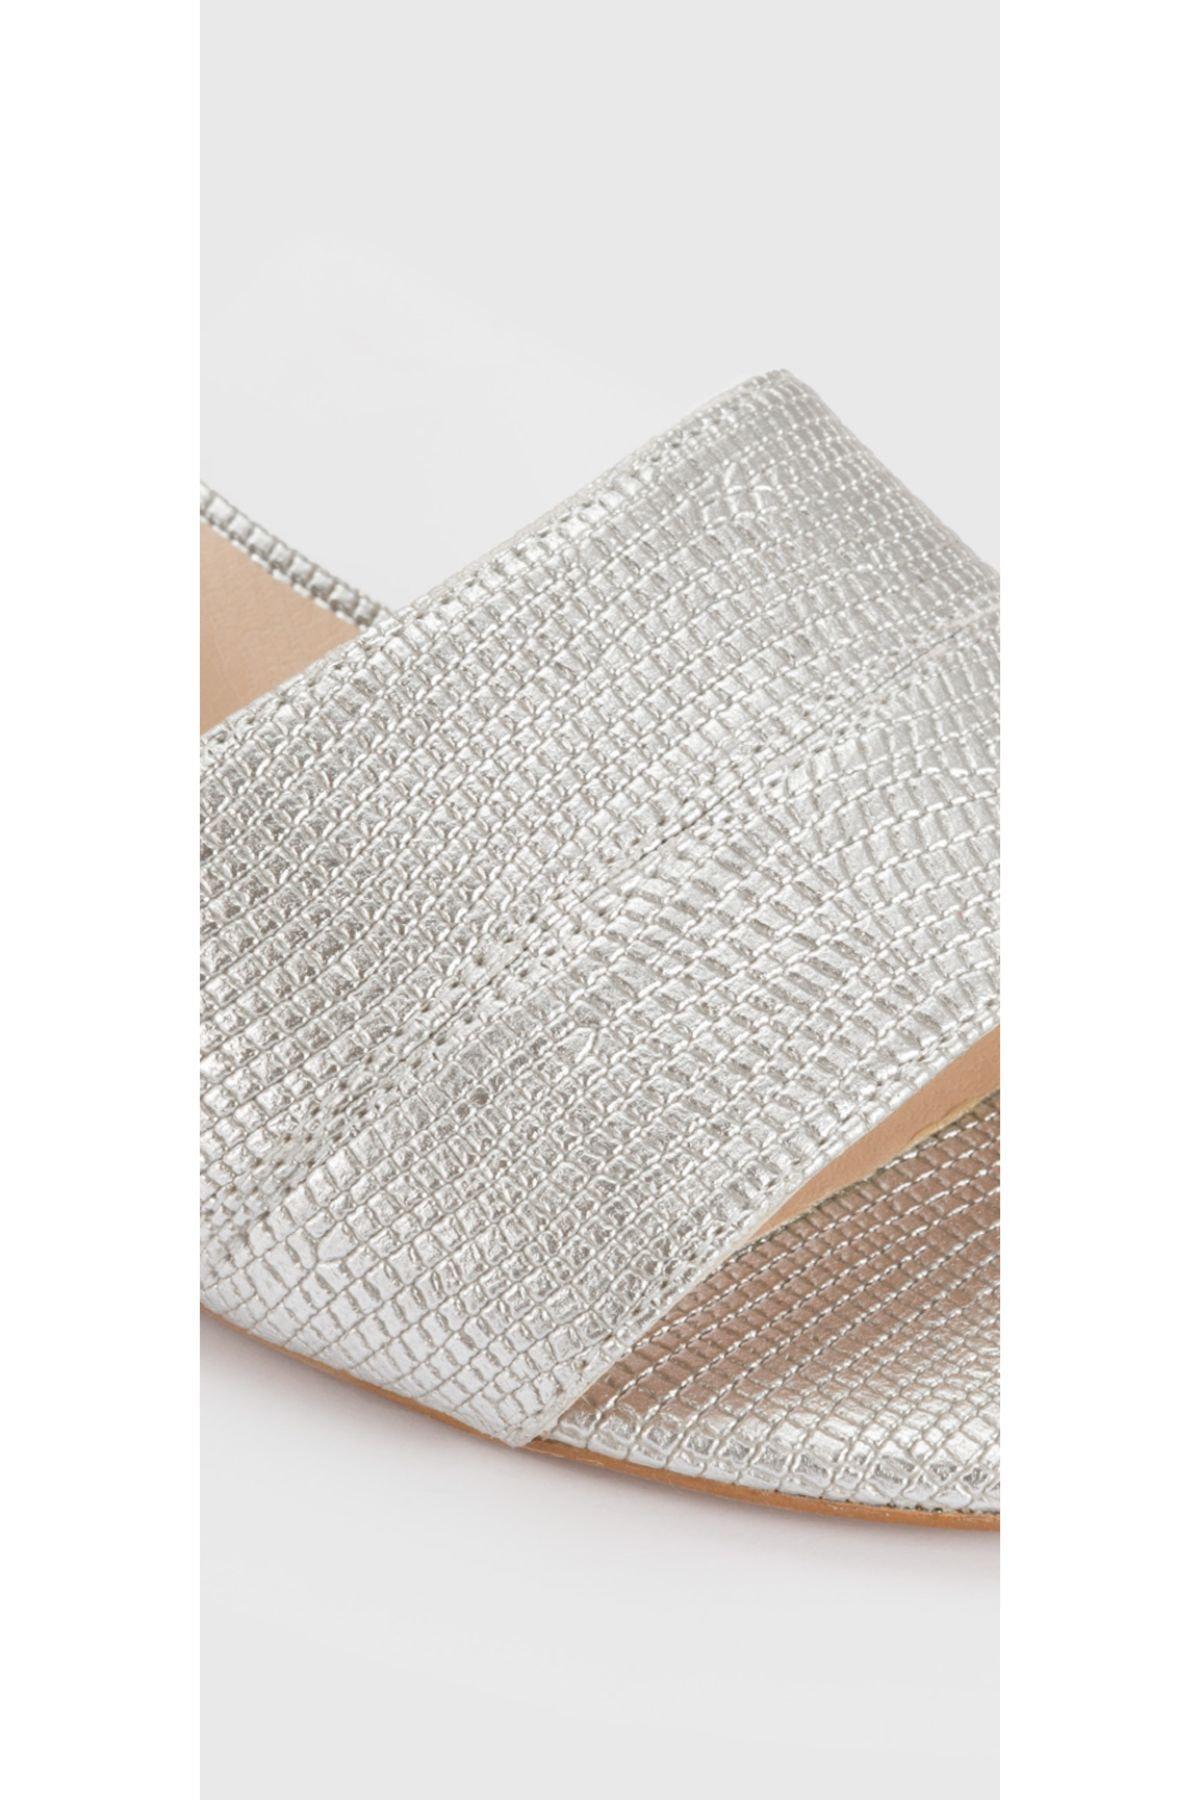 Aldo CANDY-TR - Orta Topuklu Gümüş Kadın Sandalet 2